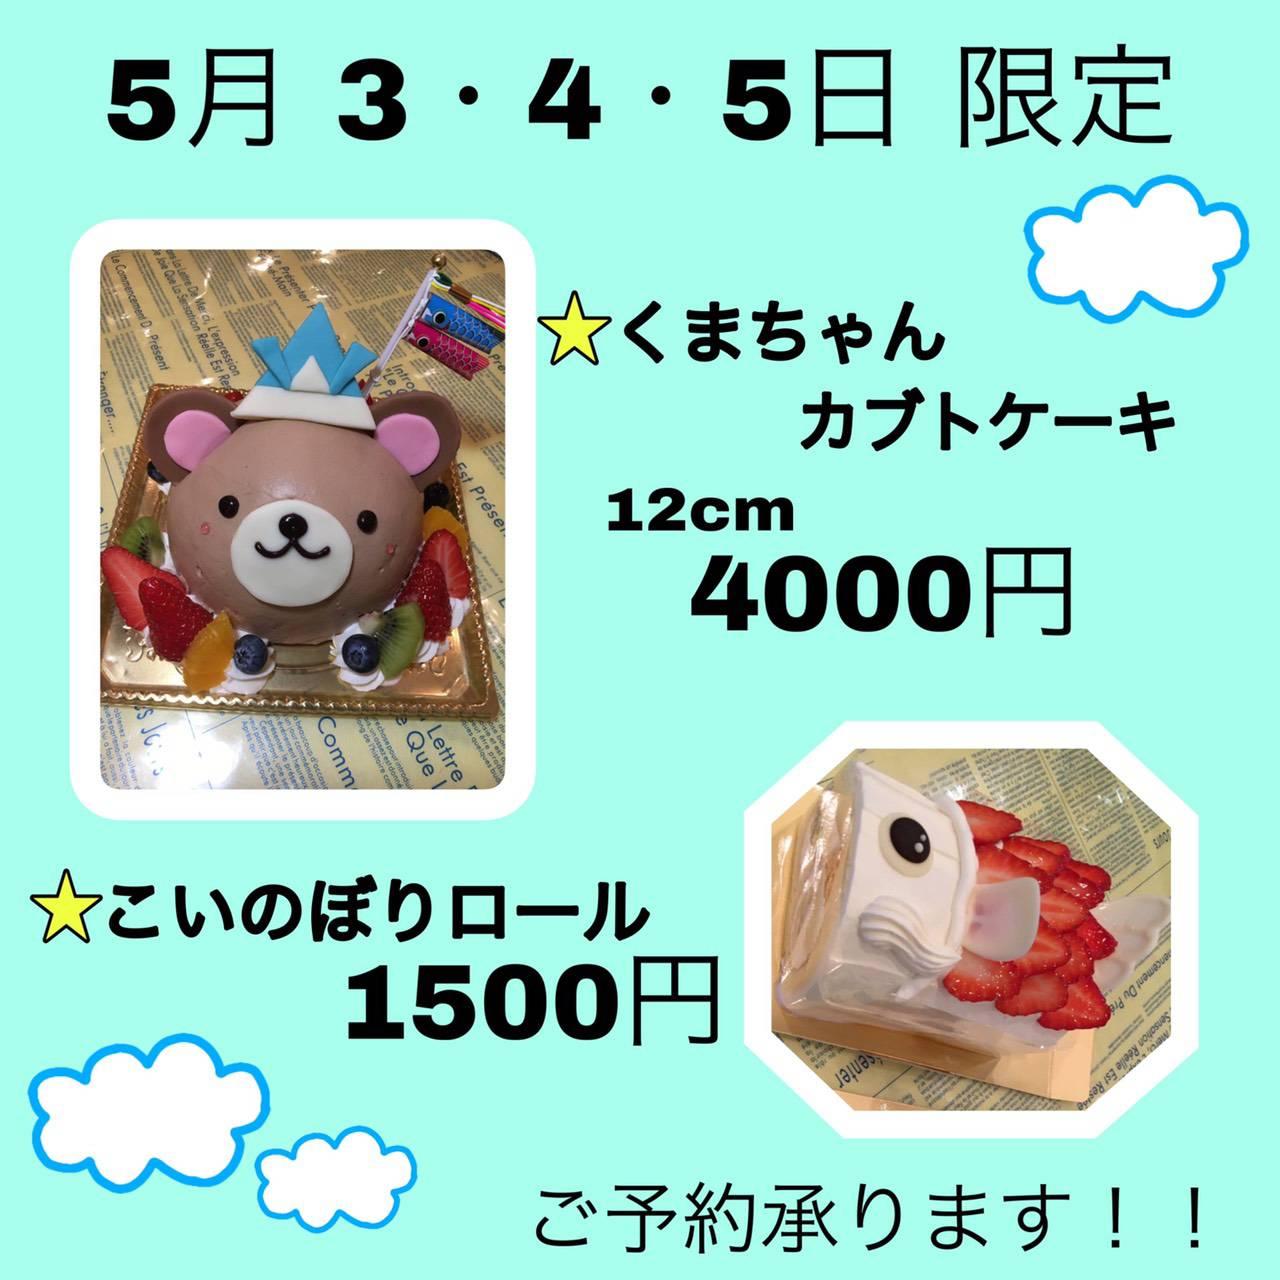 菓子夢 こどもの日限定ケーキ